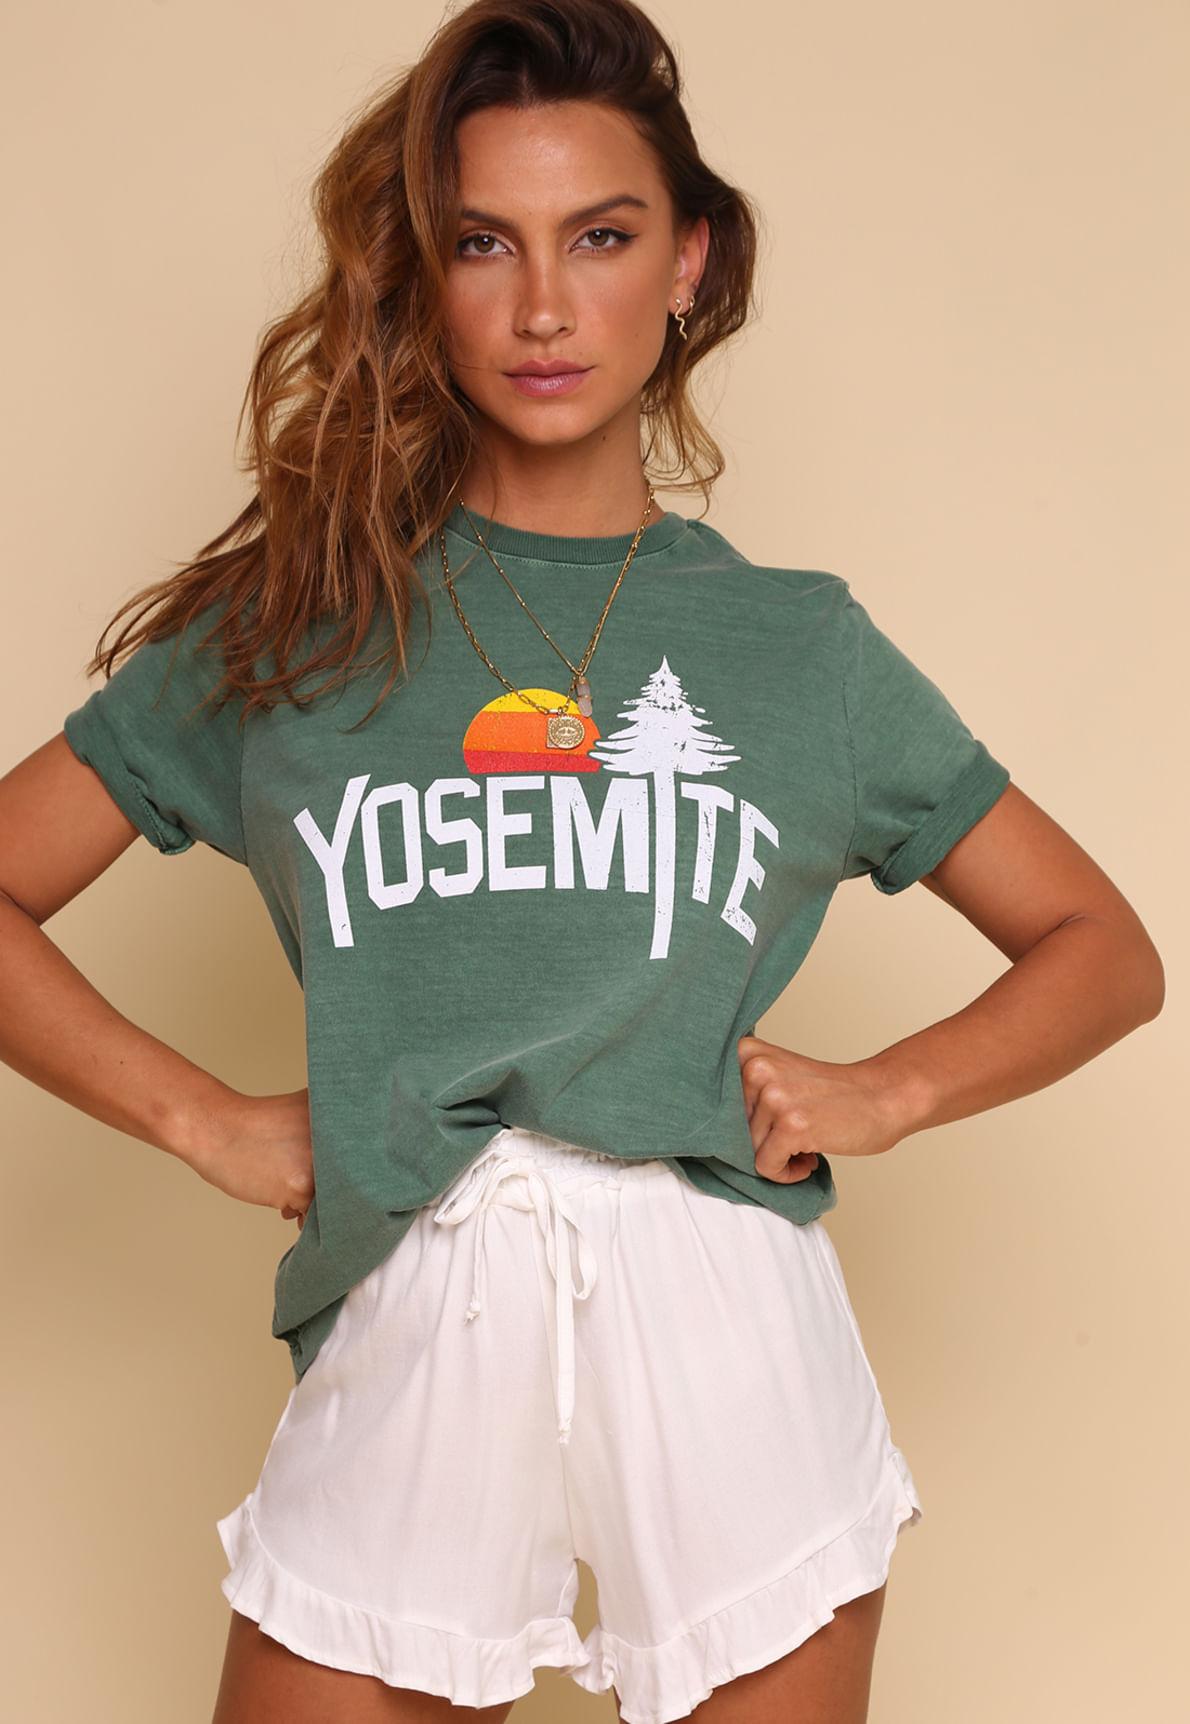 30369-tshirt-sunset-yosemite-mundo-lolita-01